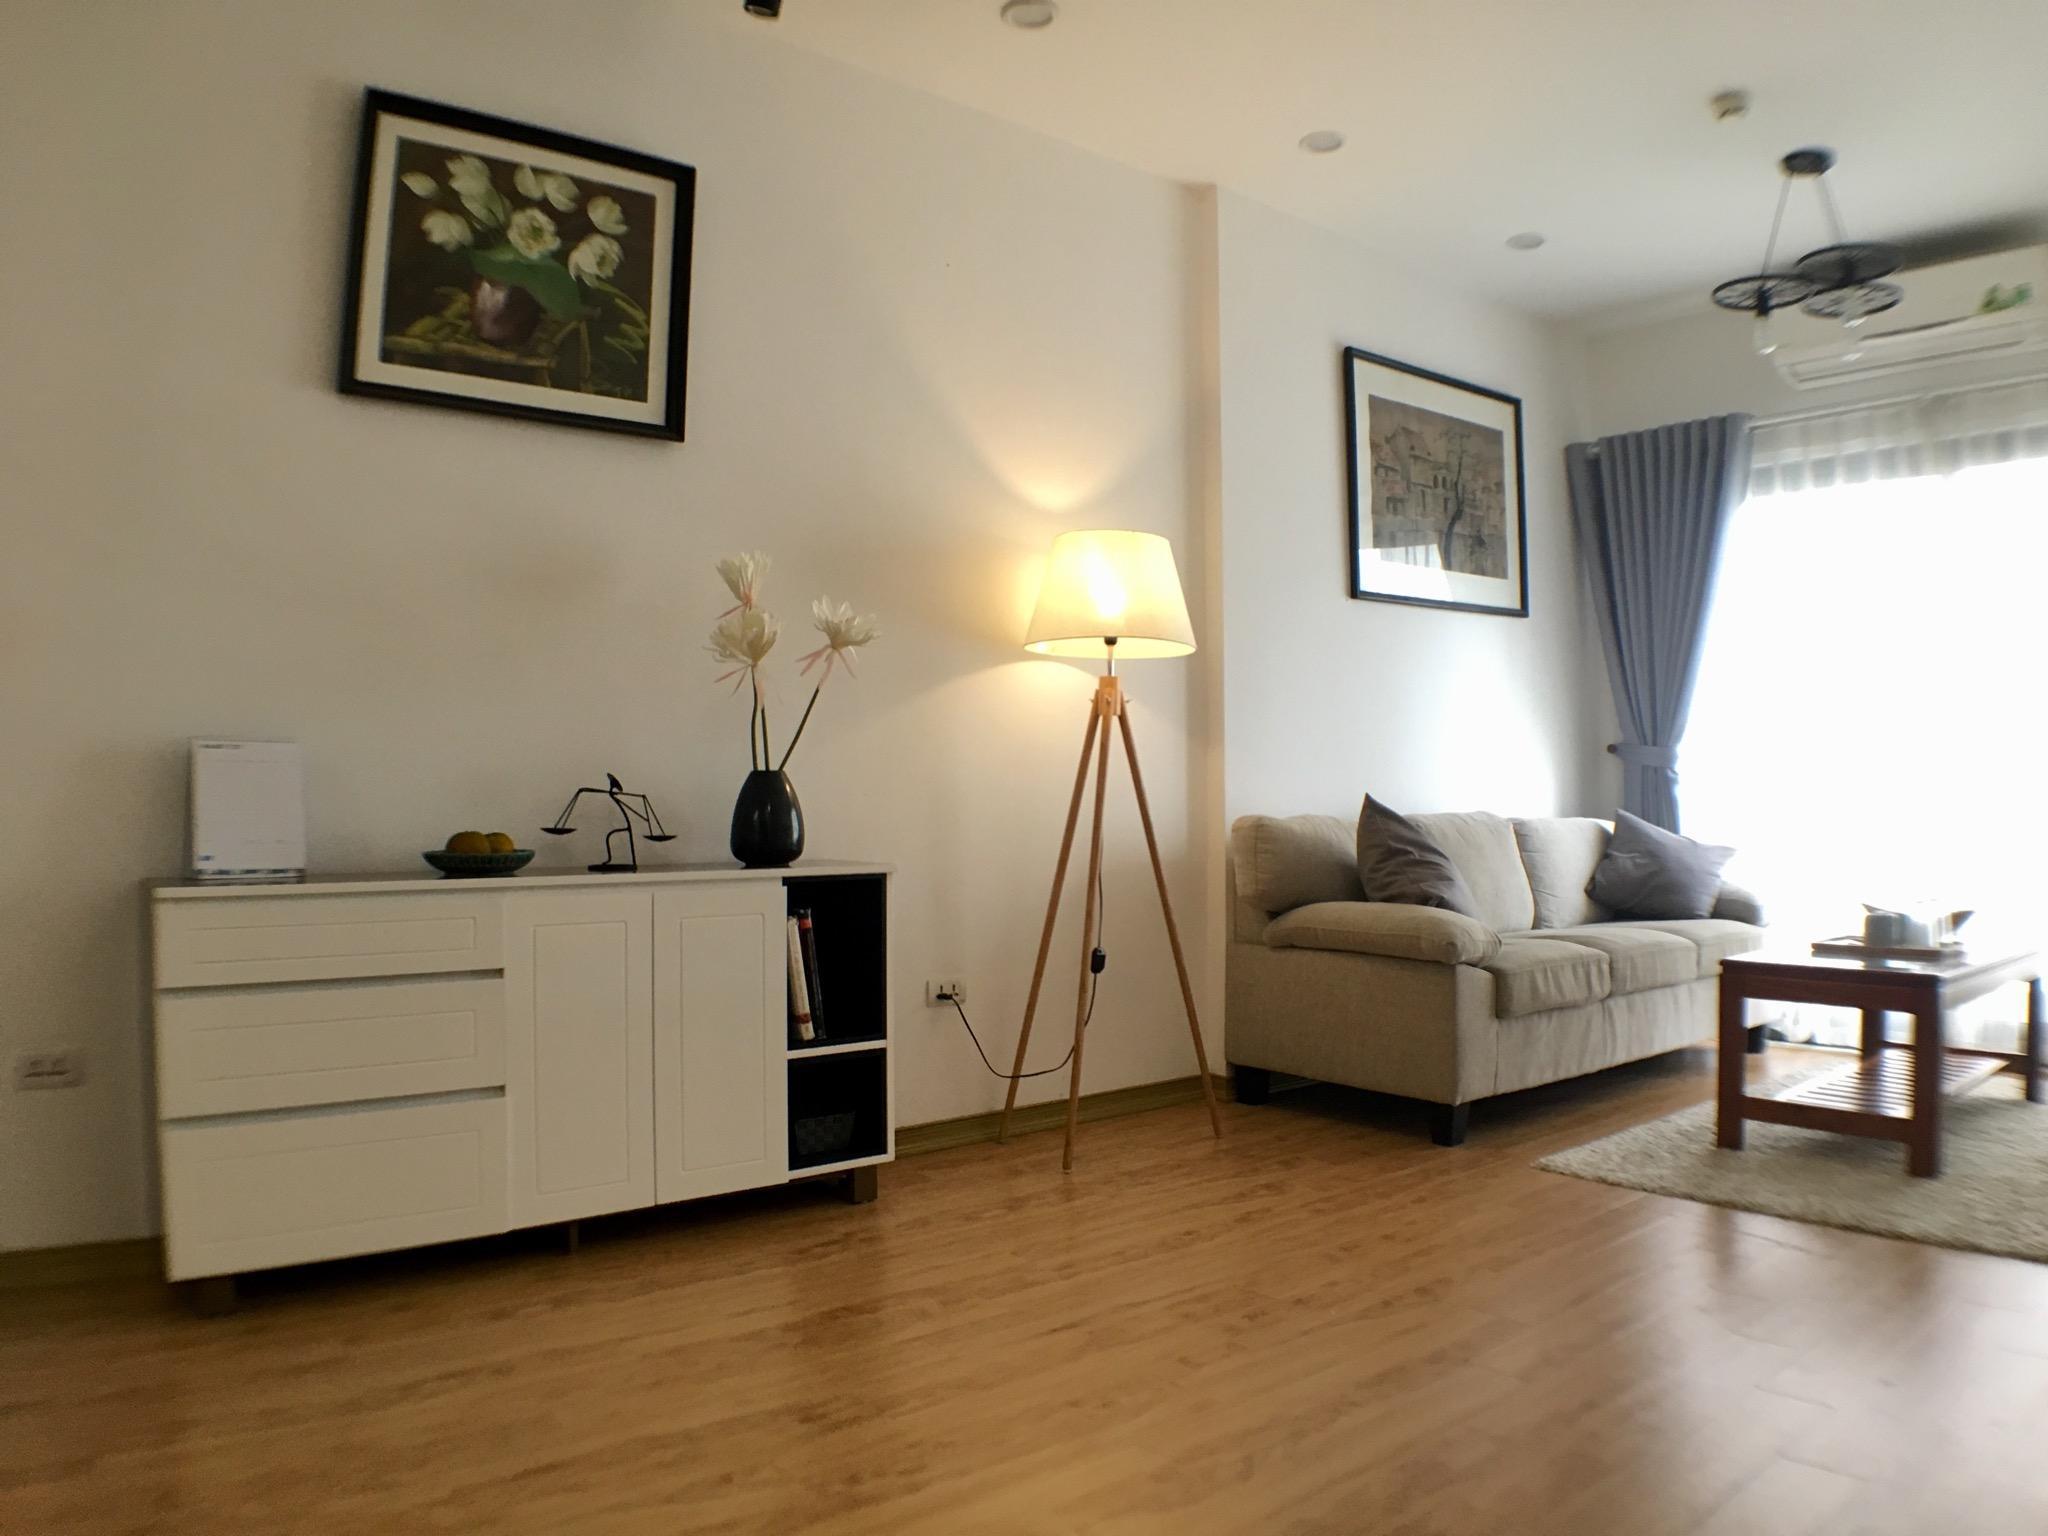 2 Bedroom Scandinavian Appartment Near Trung Hoa